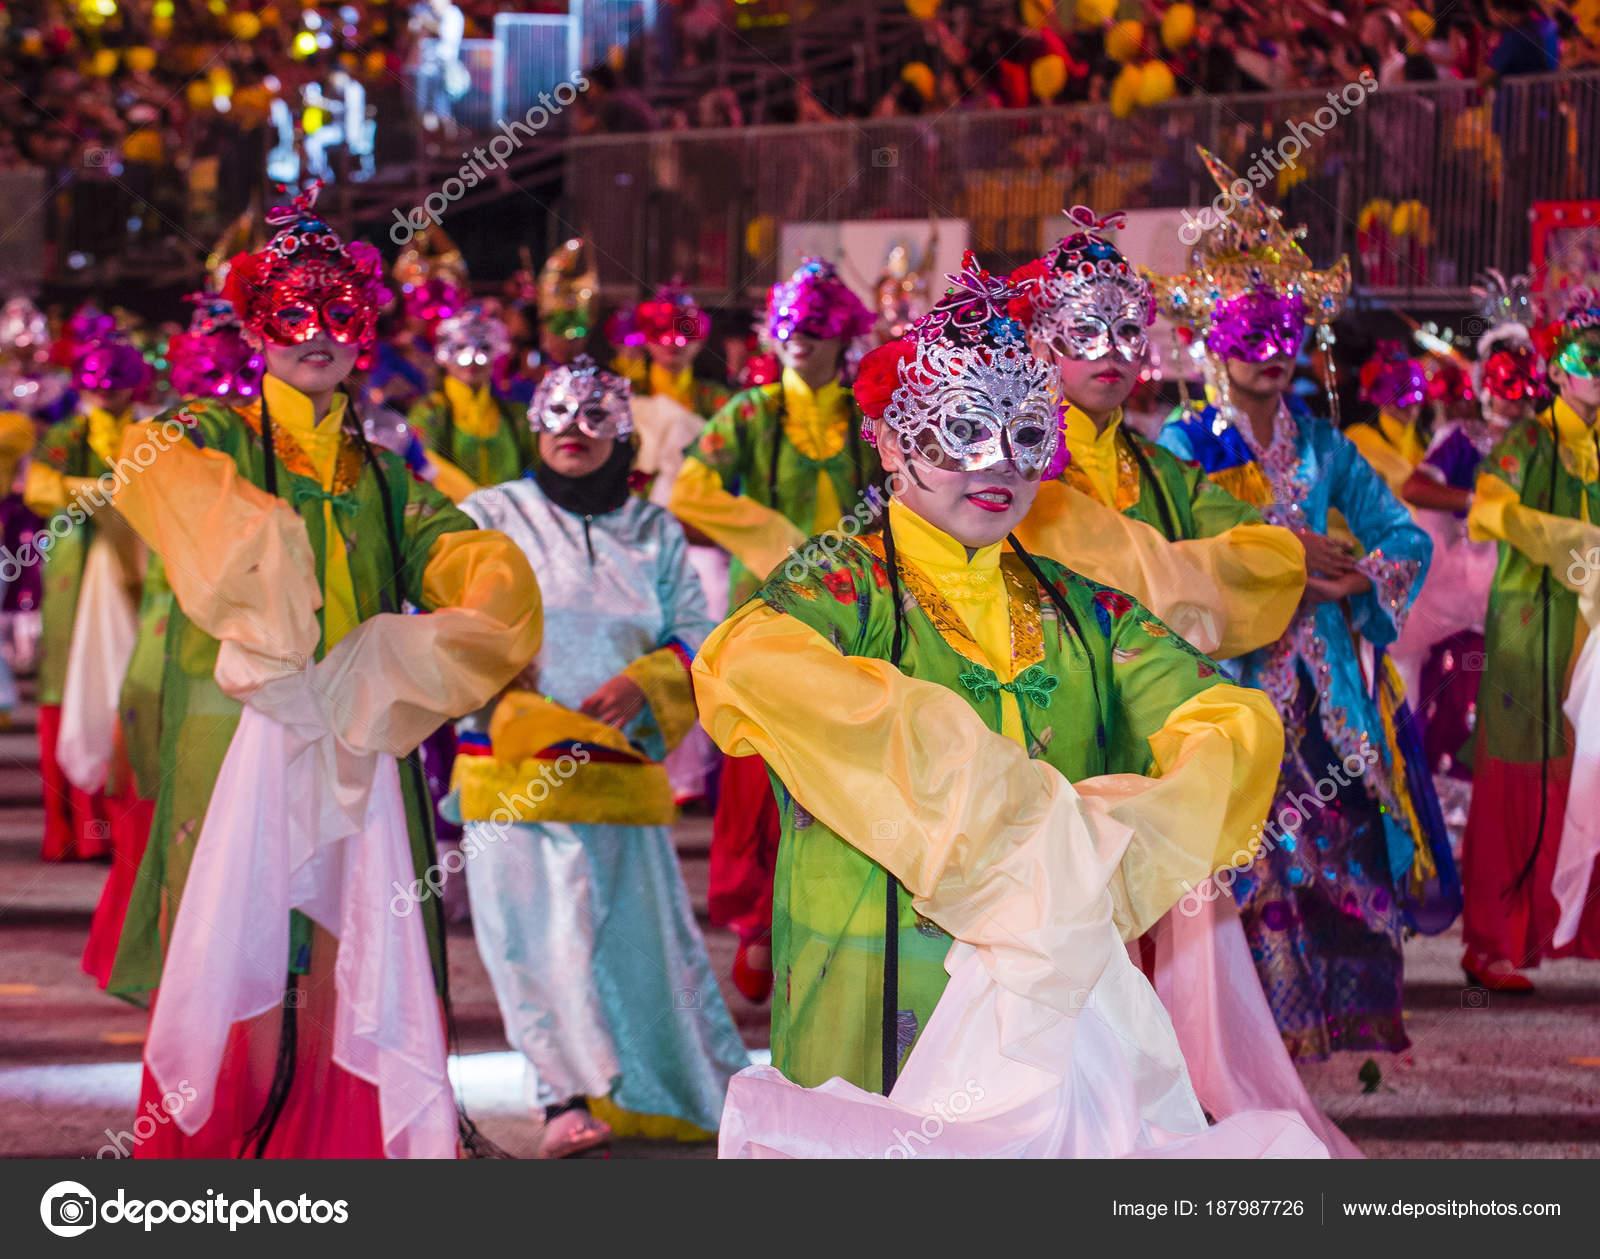 2018 Chingay Parade Foto Editorial De Stock C Kobbydagan 187987726